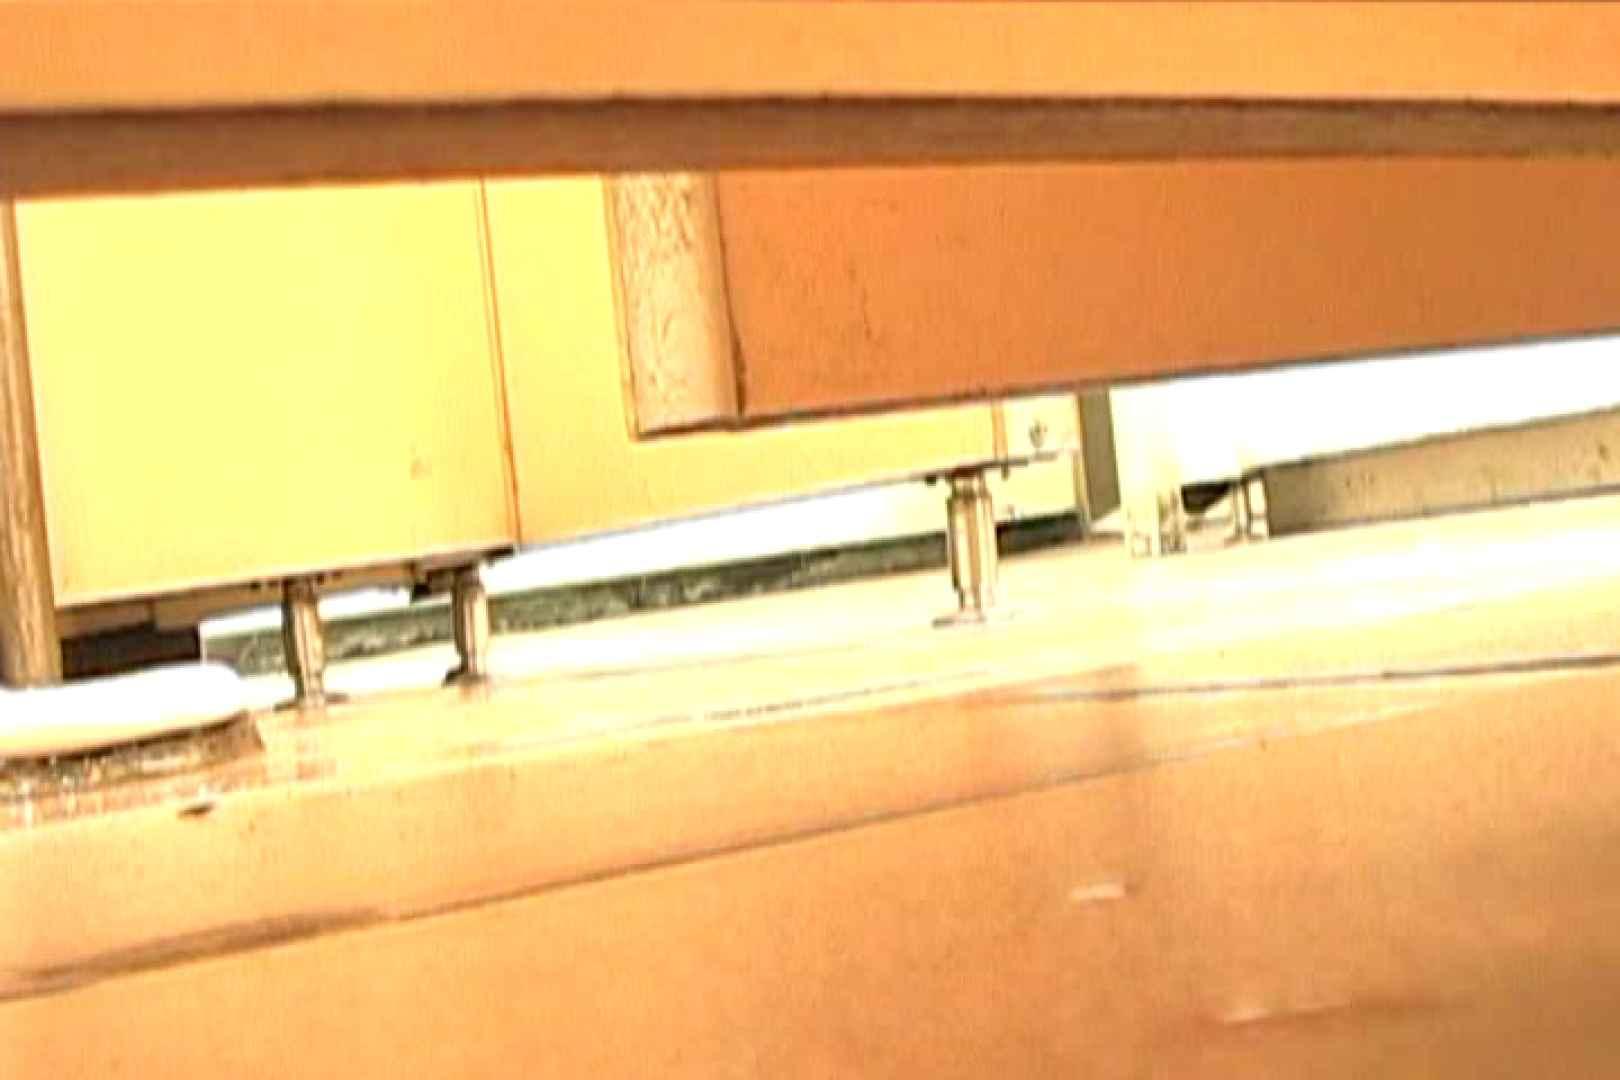 マンコ丸見え女子洗面所Vol.38 生おまんこ すけべAV動画紹介 100PICs 61